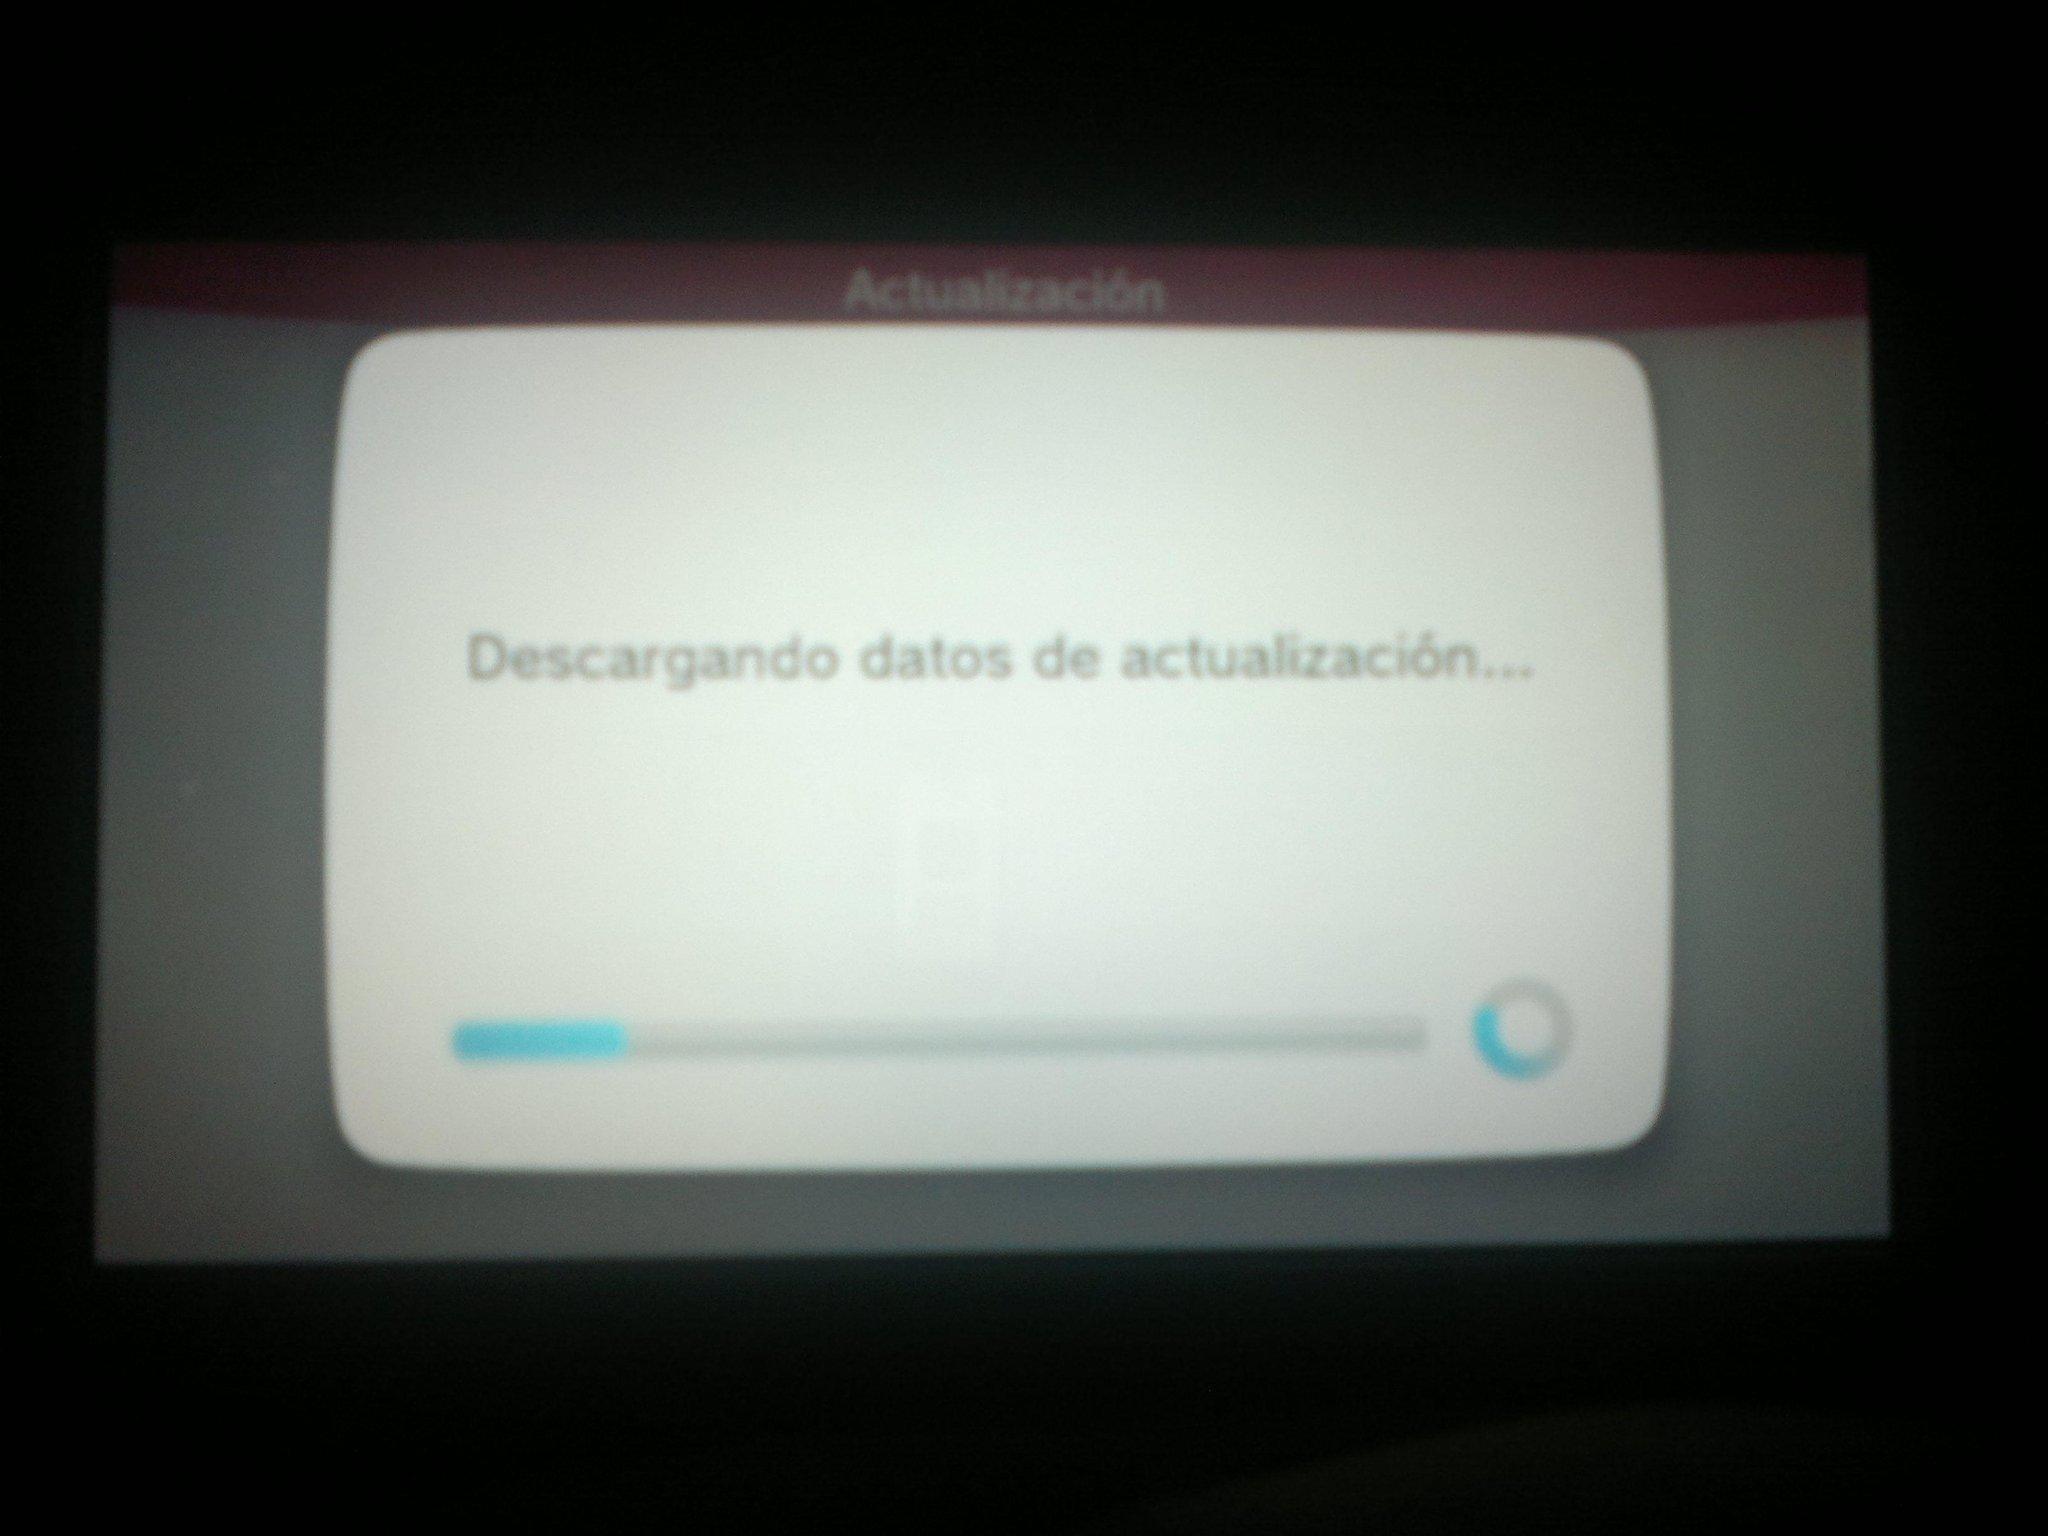 Primera actualización Wii U España